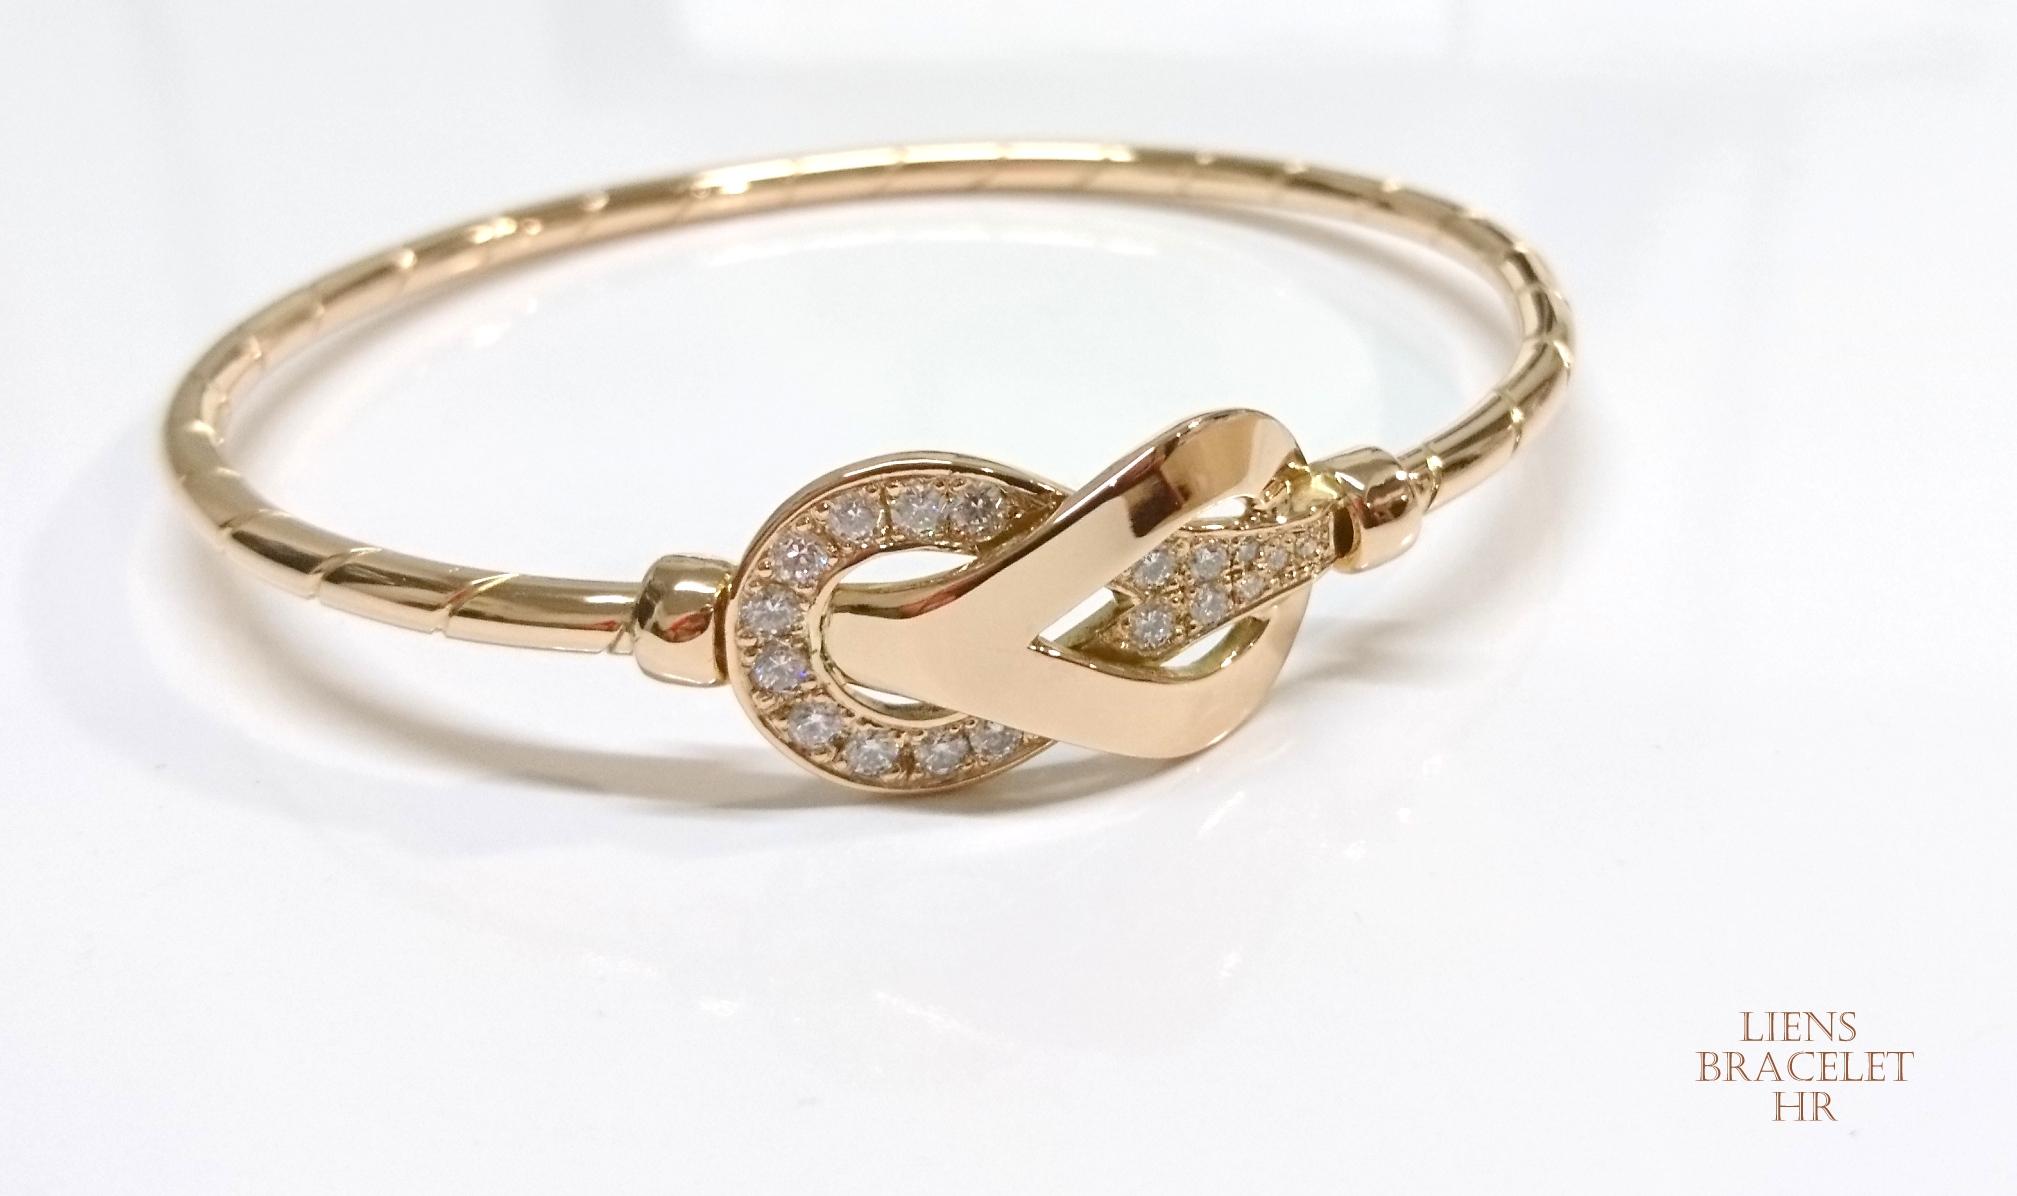 Liens bracelet Mme Jouveau